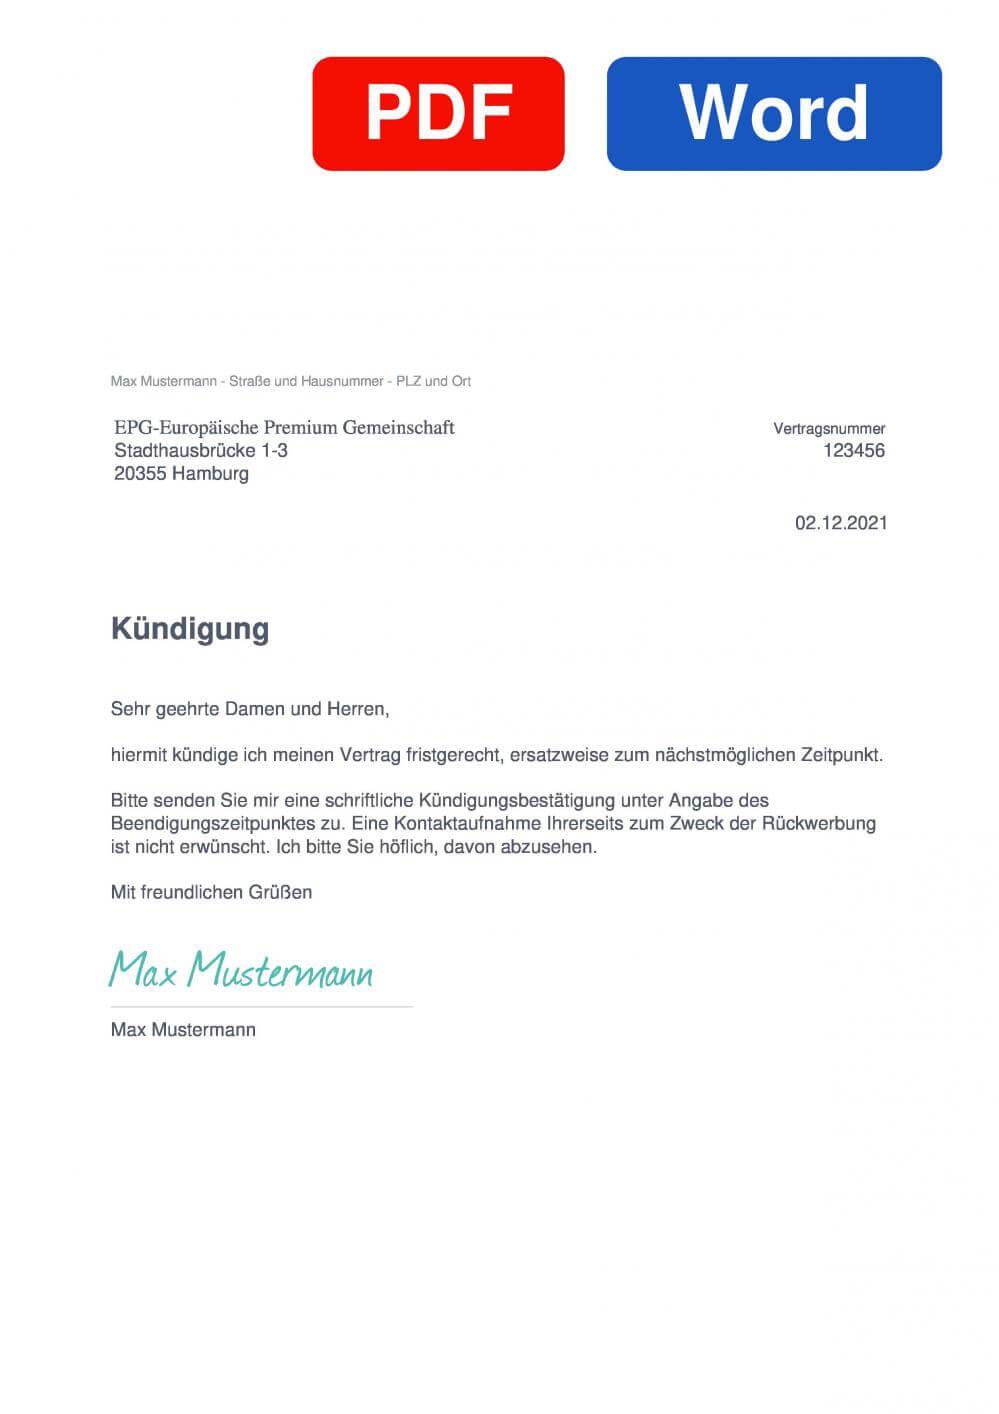 EPG Europäische Premium Gemeinschaft Muster Vorlage für Kündigungsschreiben